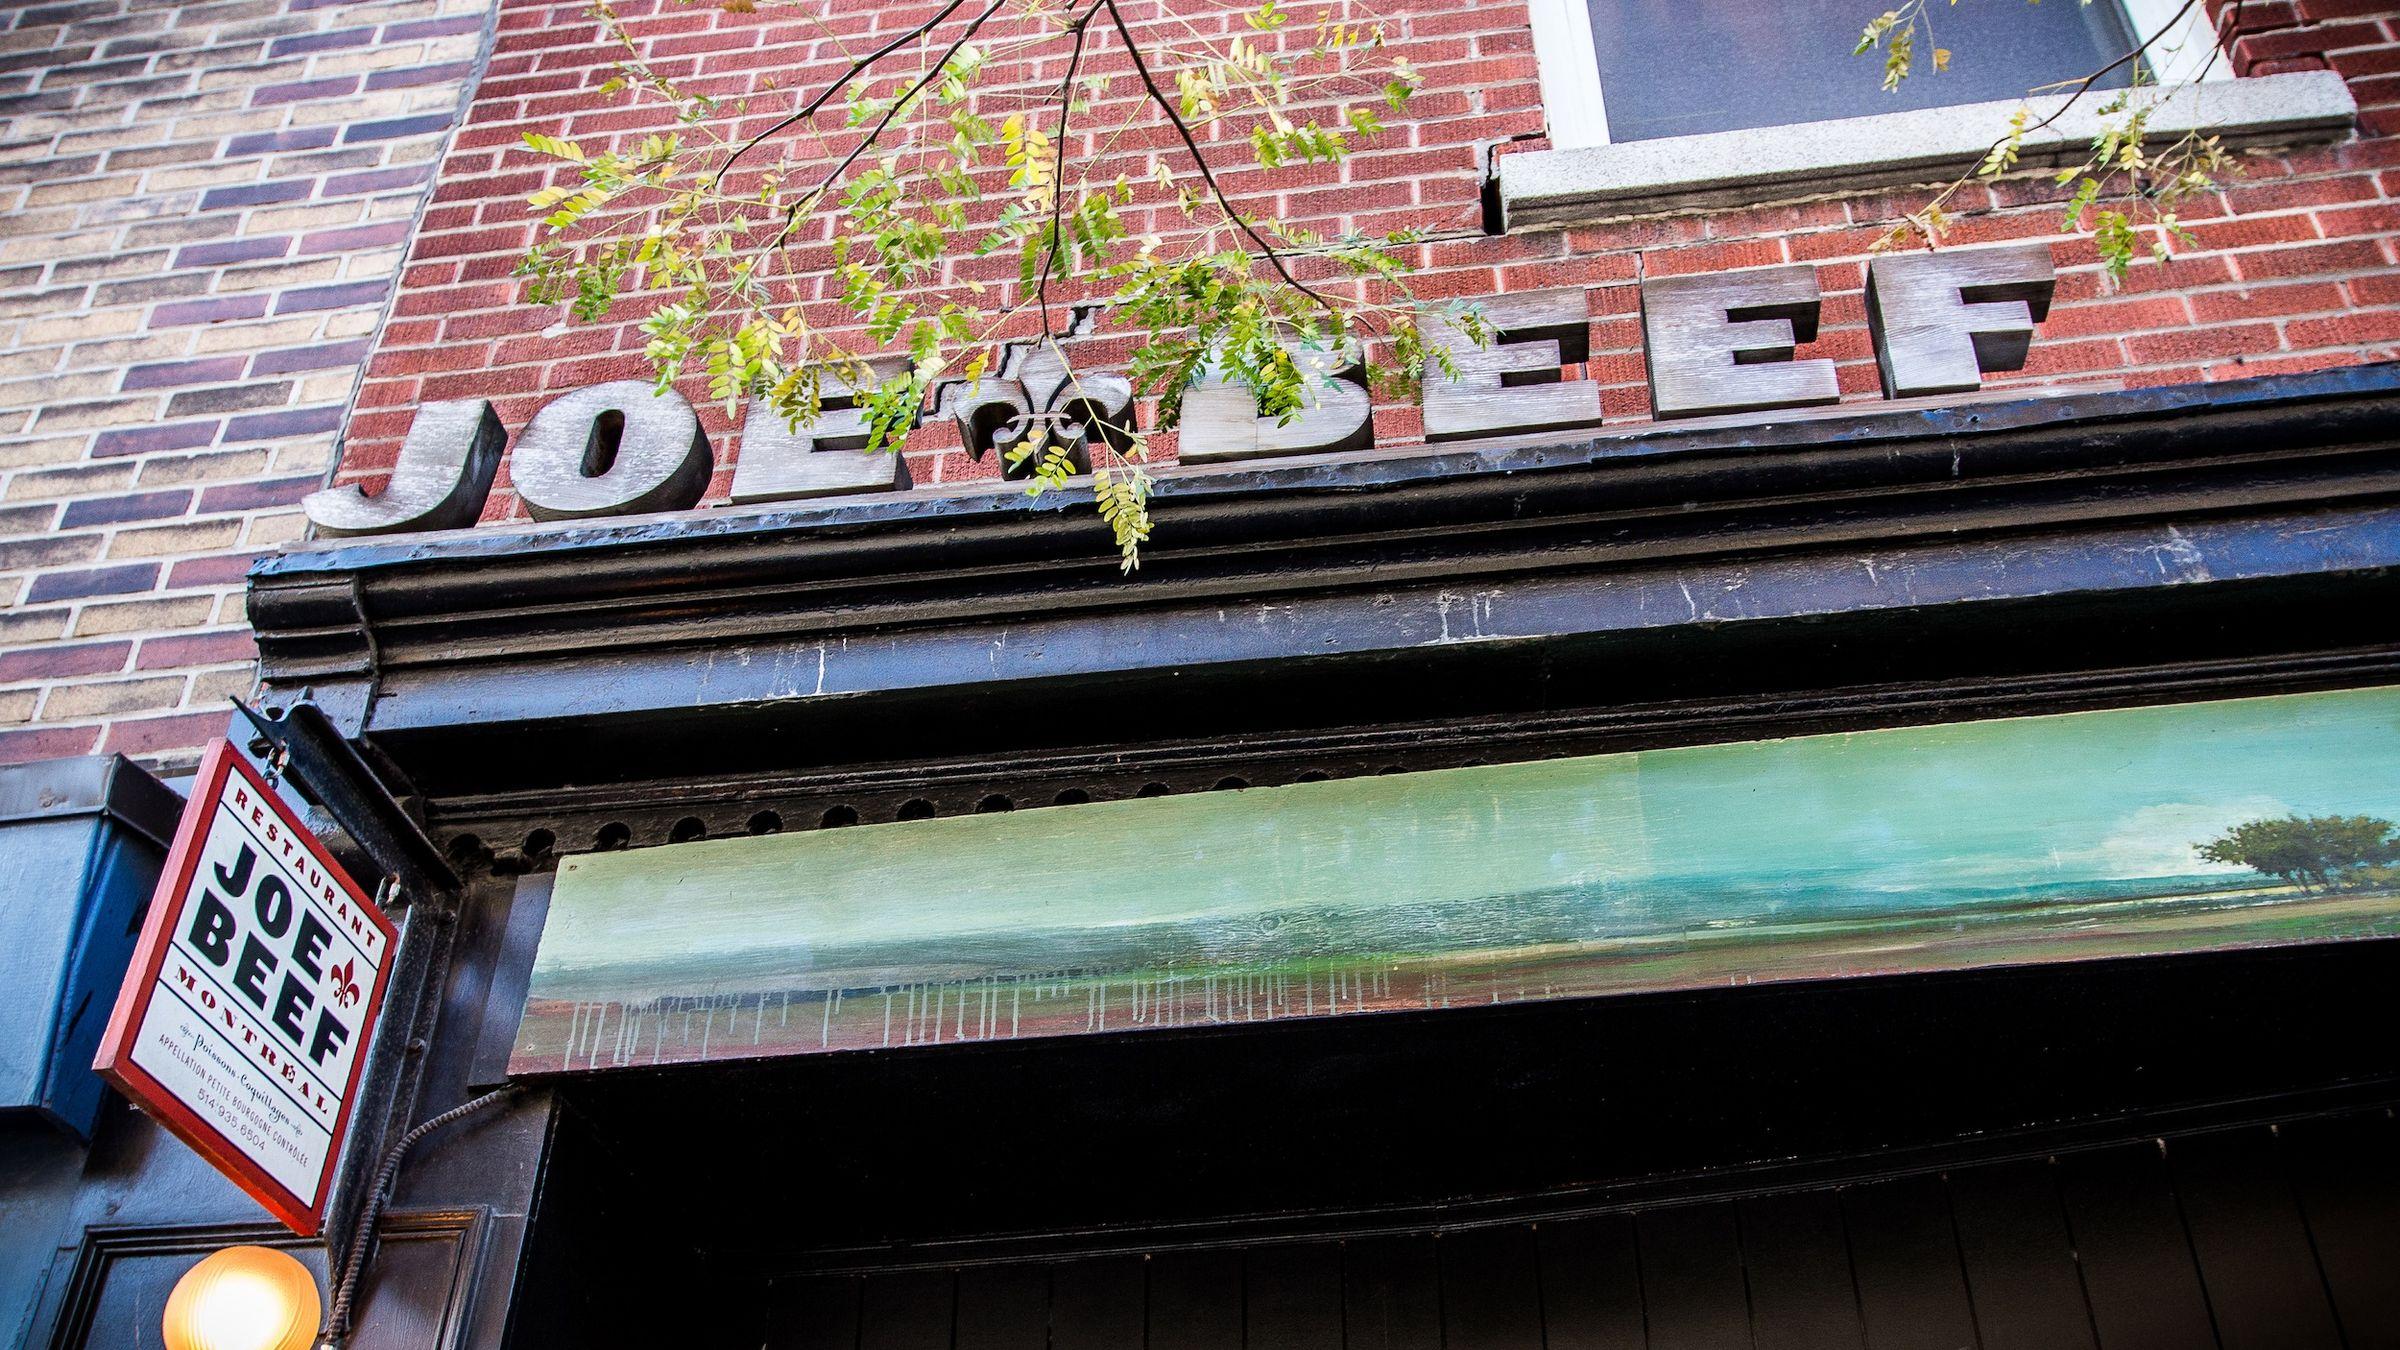 The exterior of Joe Beef